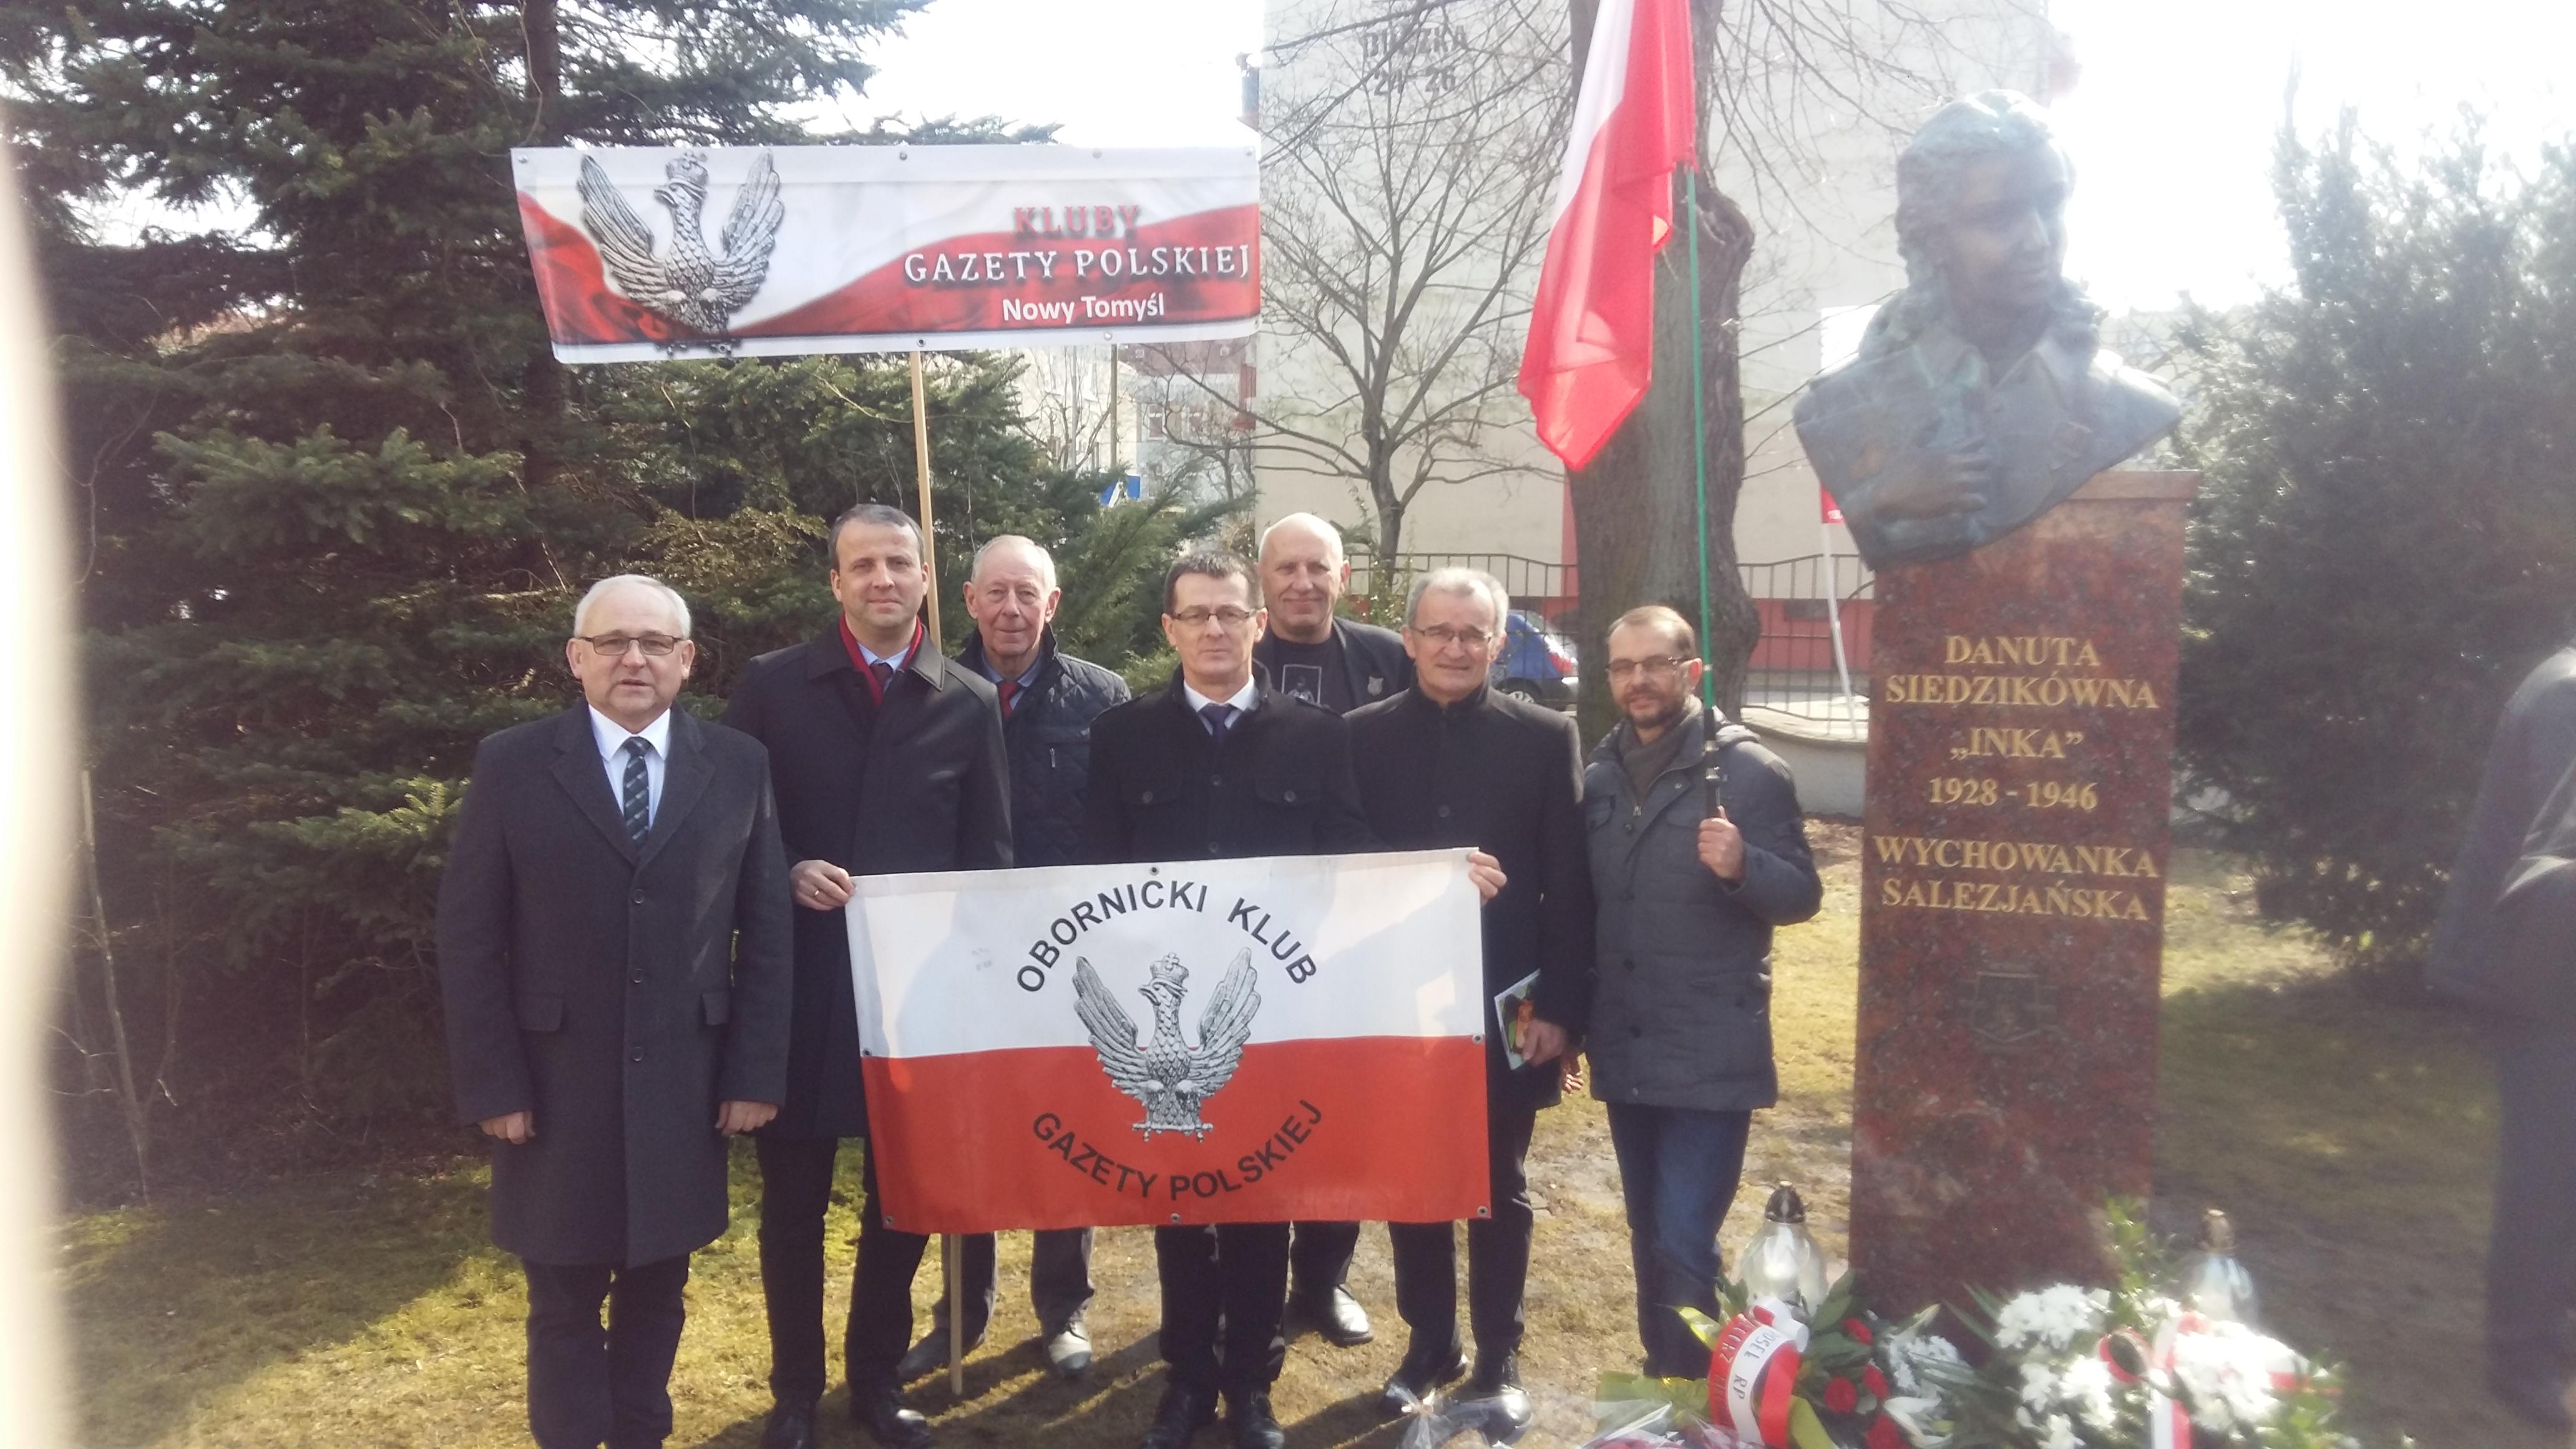 Kluby Gazety Polskiej Oborniki Wlkp Odsłonięcie Pomnika